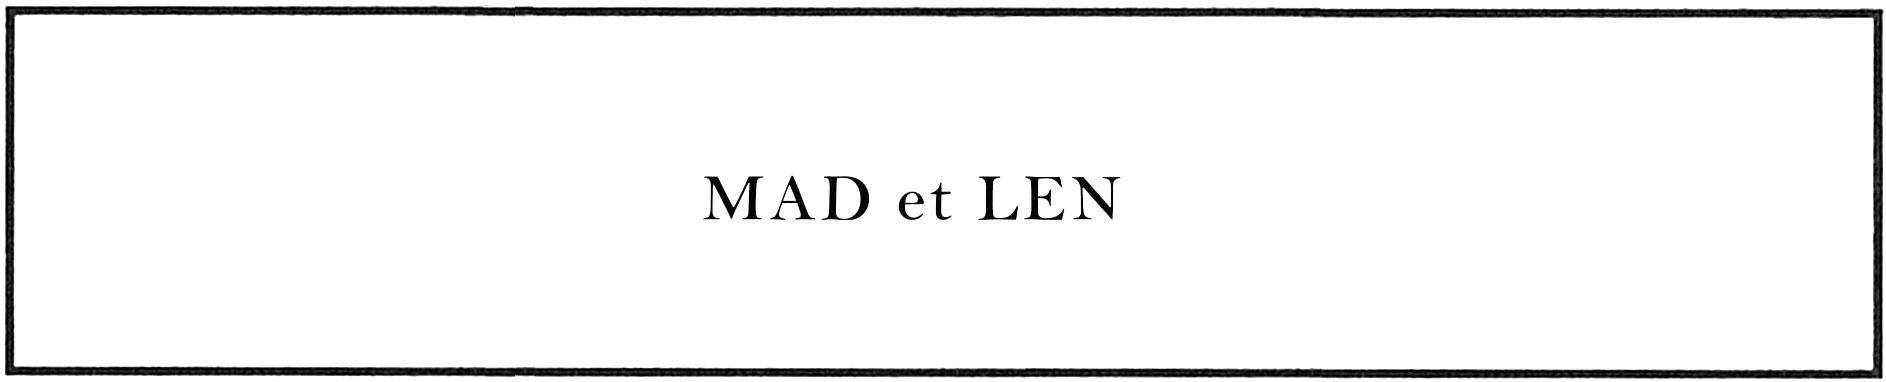 MAD et LEN